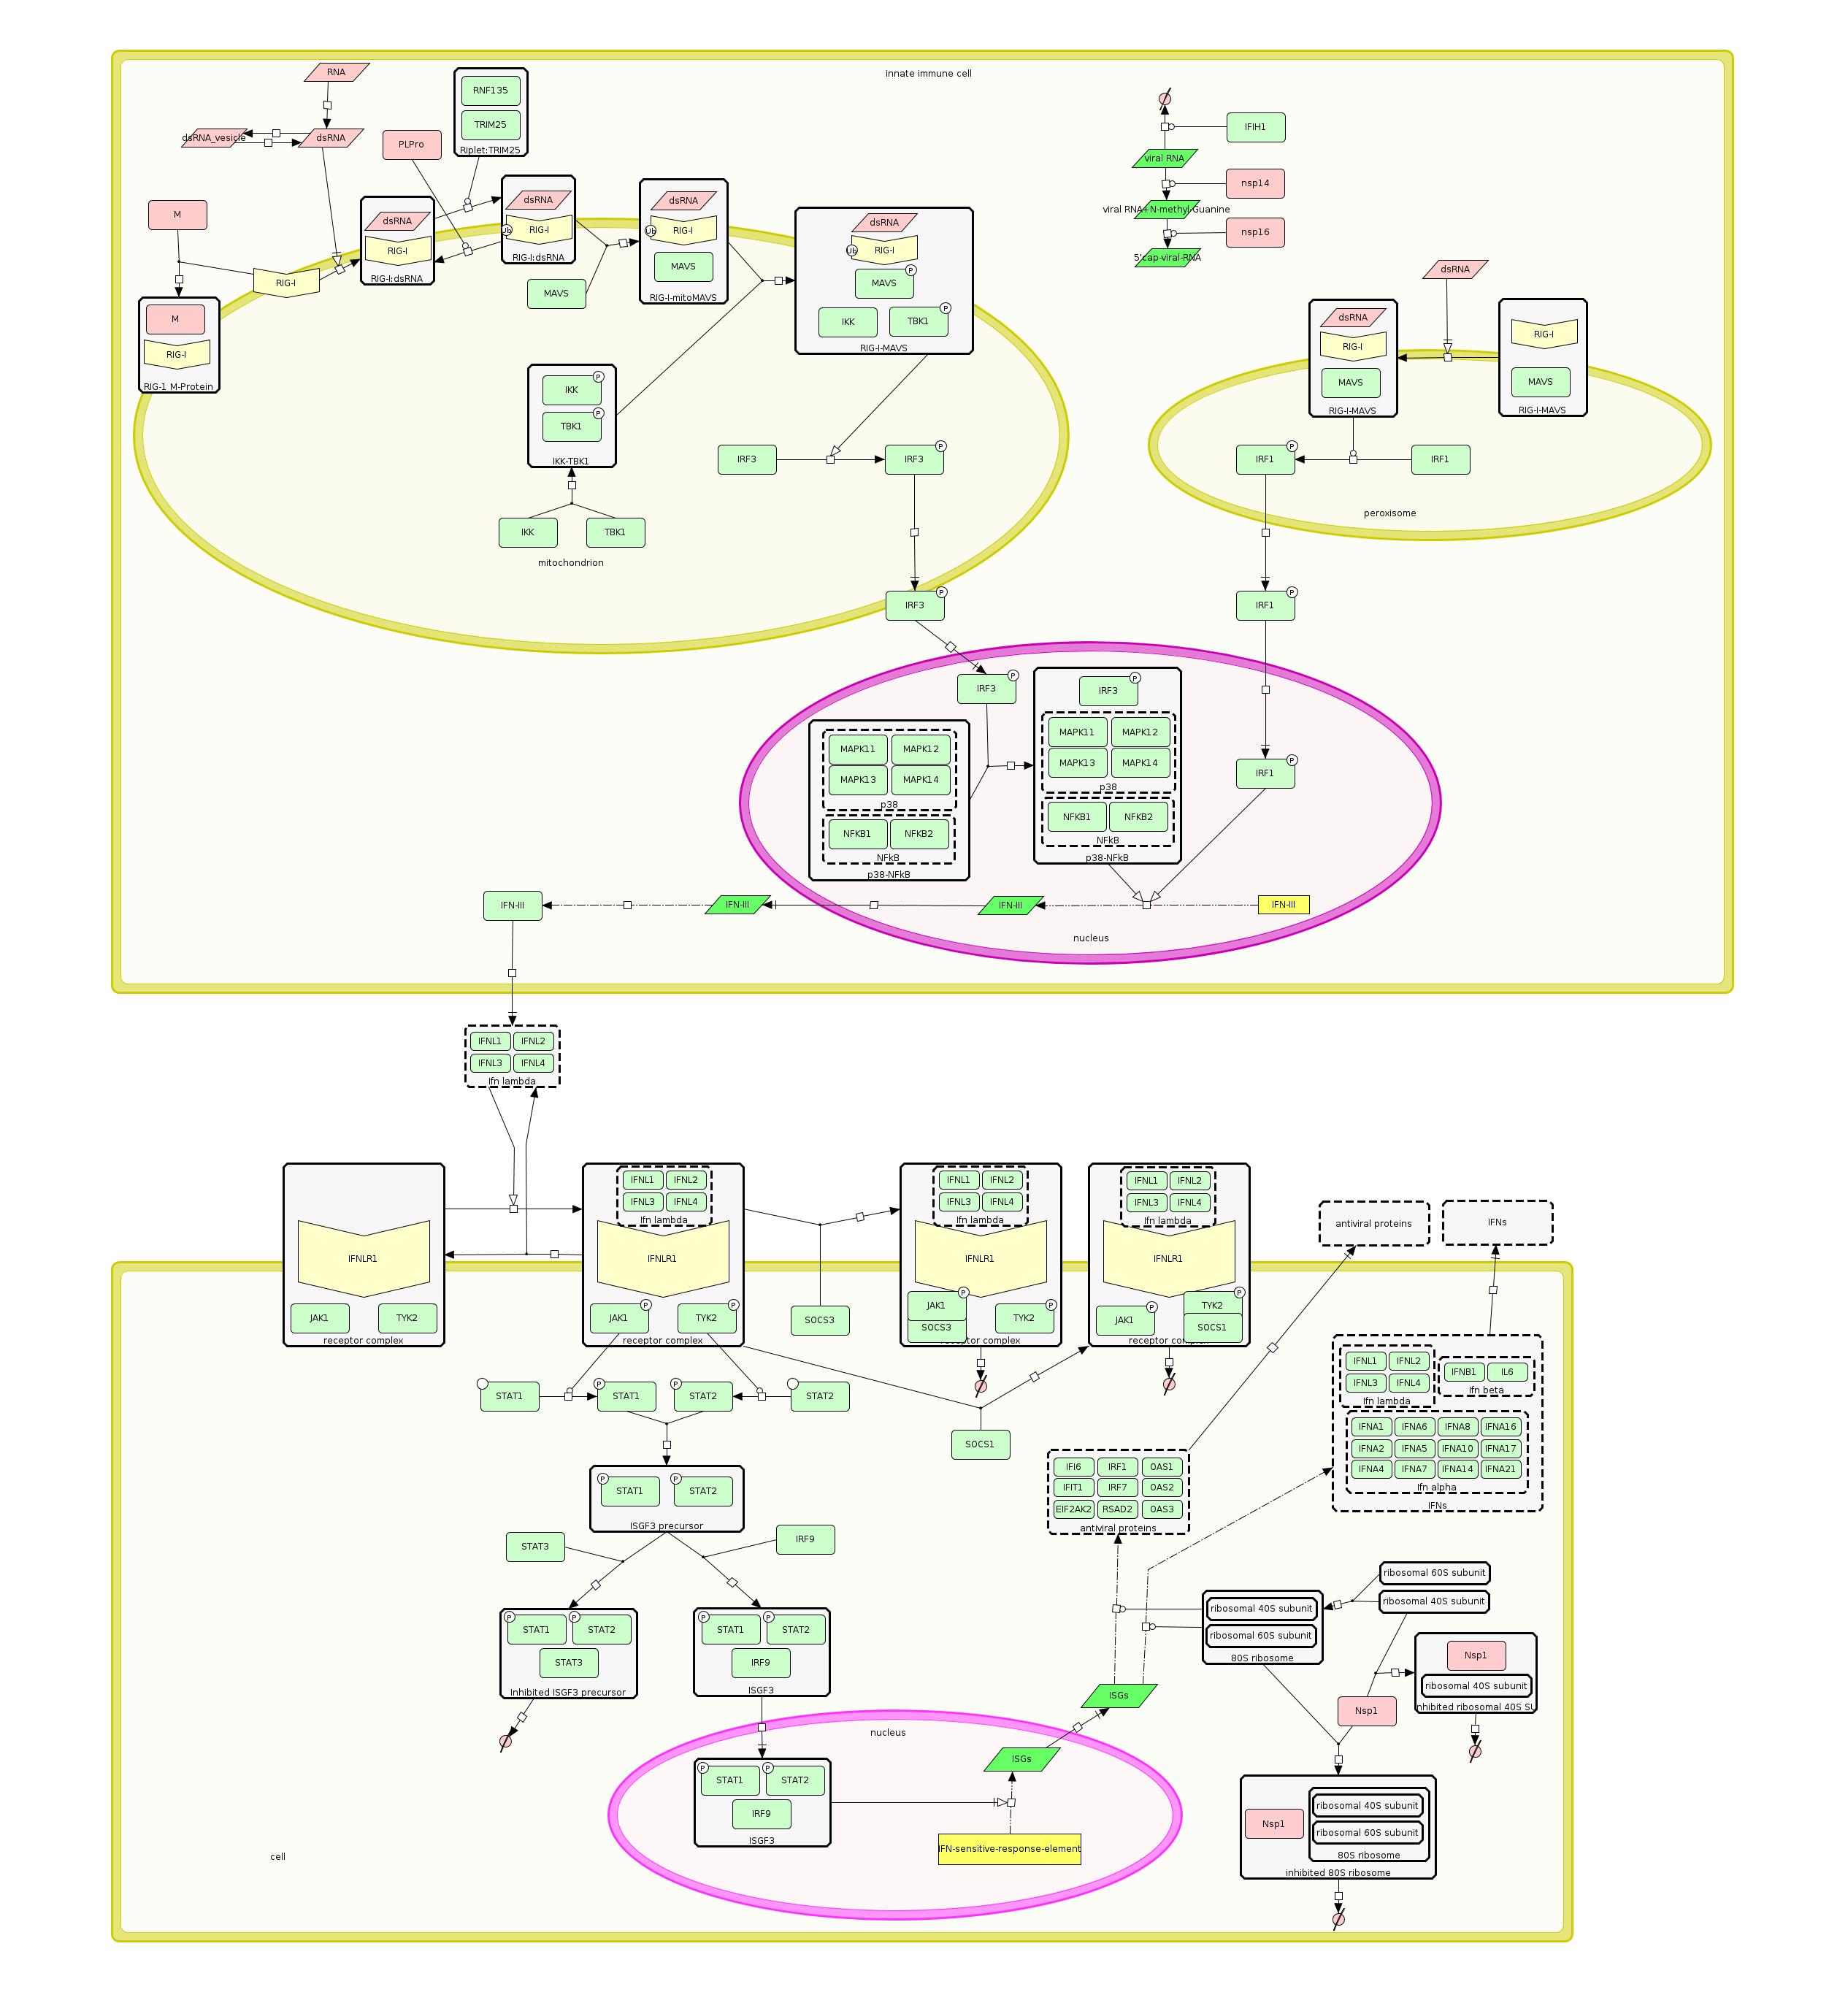 Curation/Interferon lambda pathway/IFN-lambda_stable.png